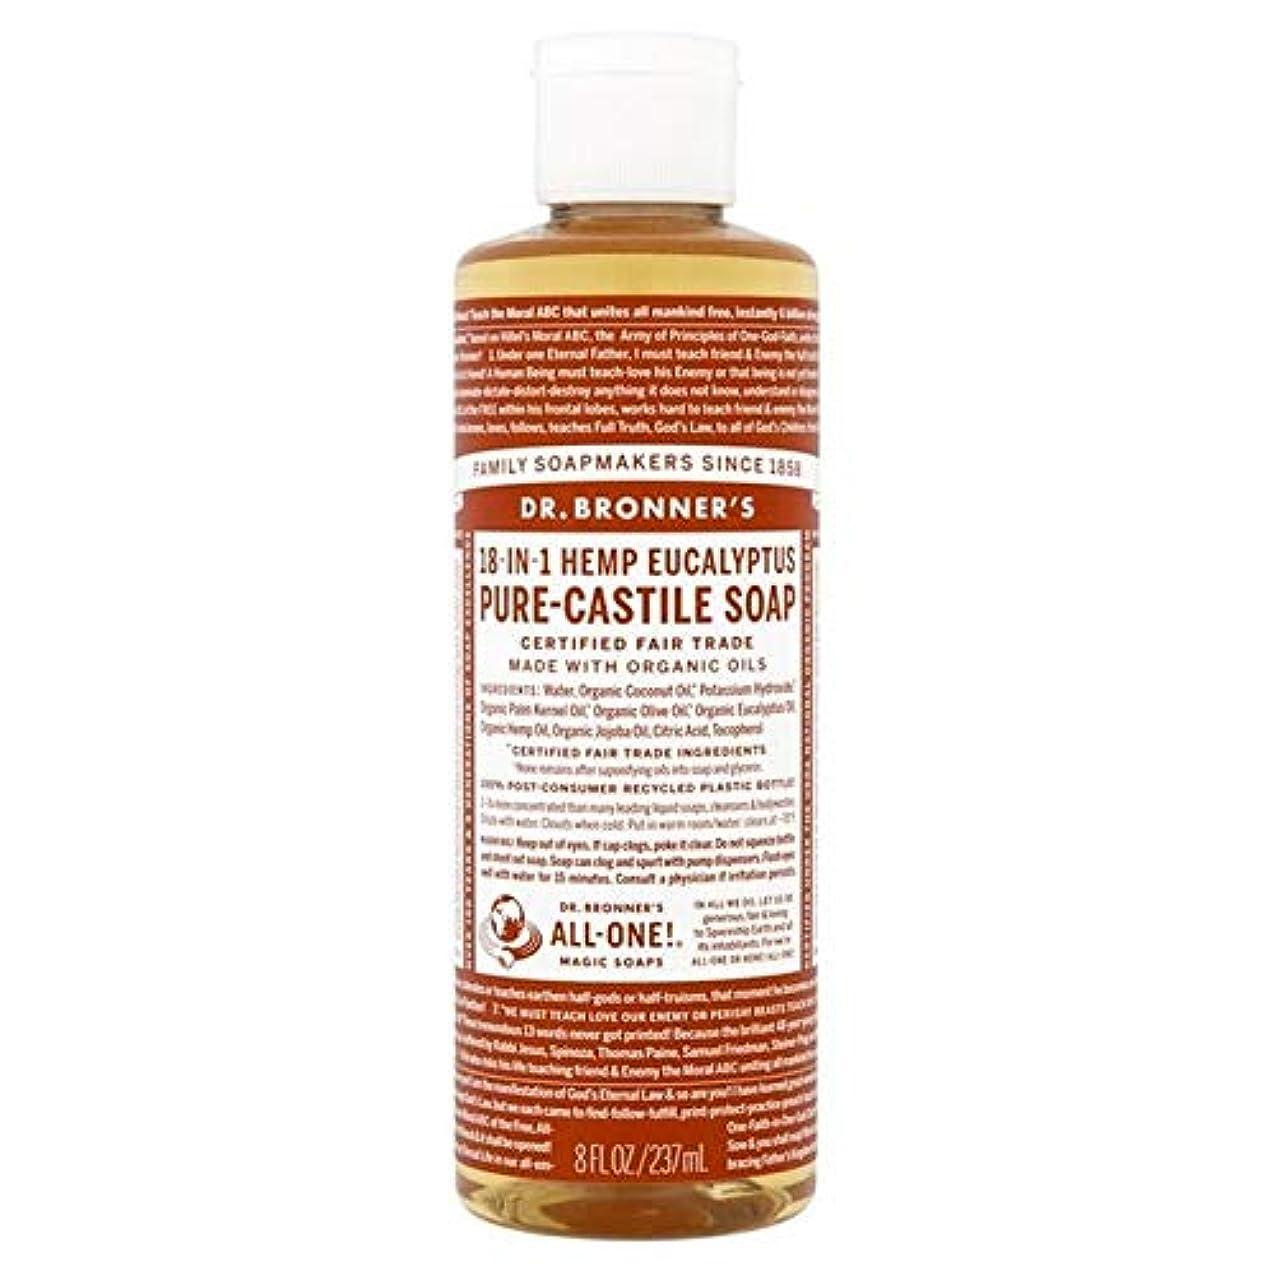 ライトニングコメンテーター妖精[Dr Bronner] Dr。ブロナーズ有機ユーカリの純粋な-カスティーリャ液体石鹸237ミリリットル - Dr. Bronner's Organic Eucalyptus Pure-Castile Liquid Soap...